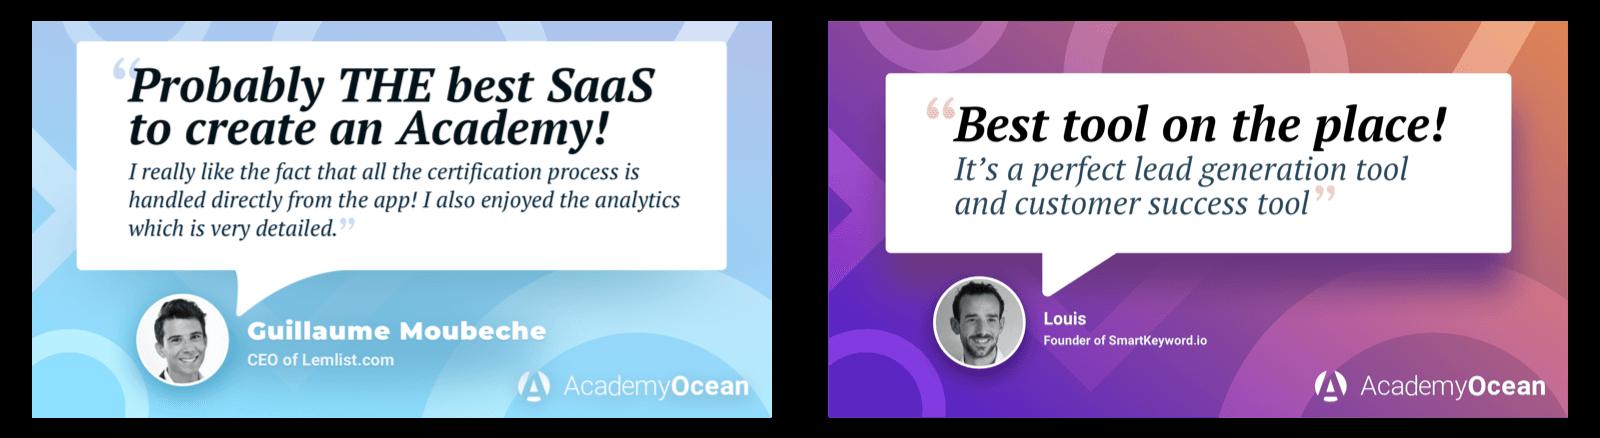 AcademyOcean review Lemlist SmartKeyword